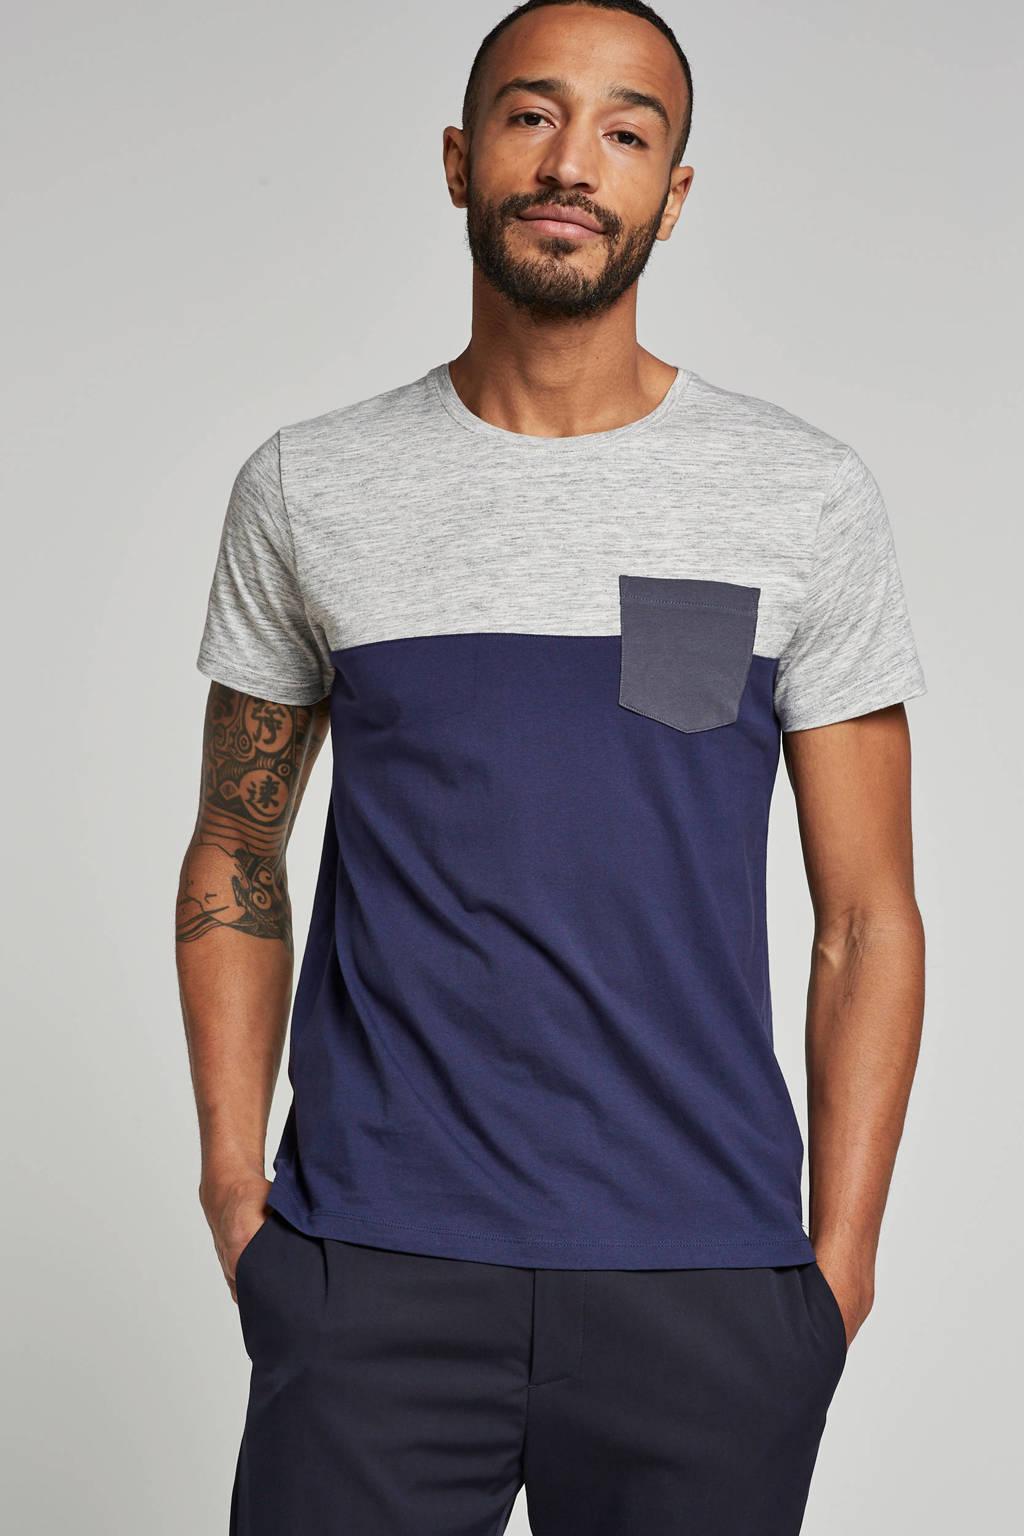 ESPRIT Men Casual T-shirt, Grijs/blauw